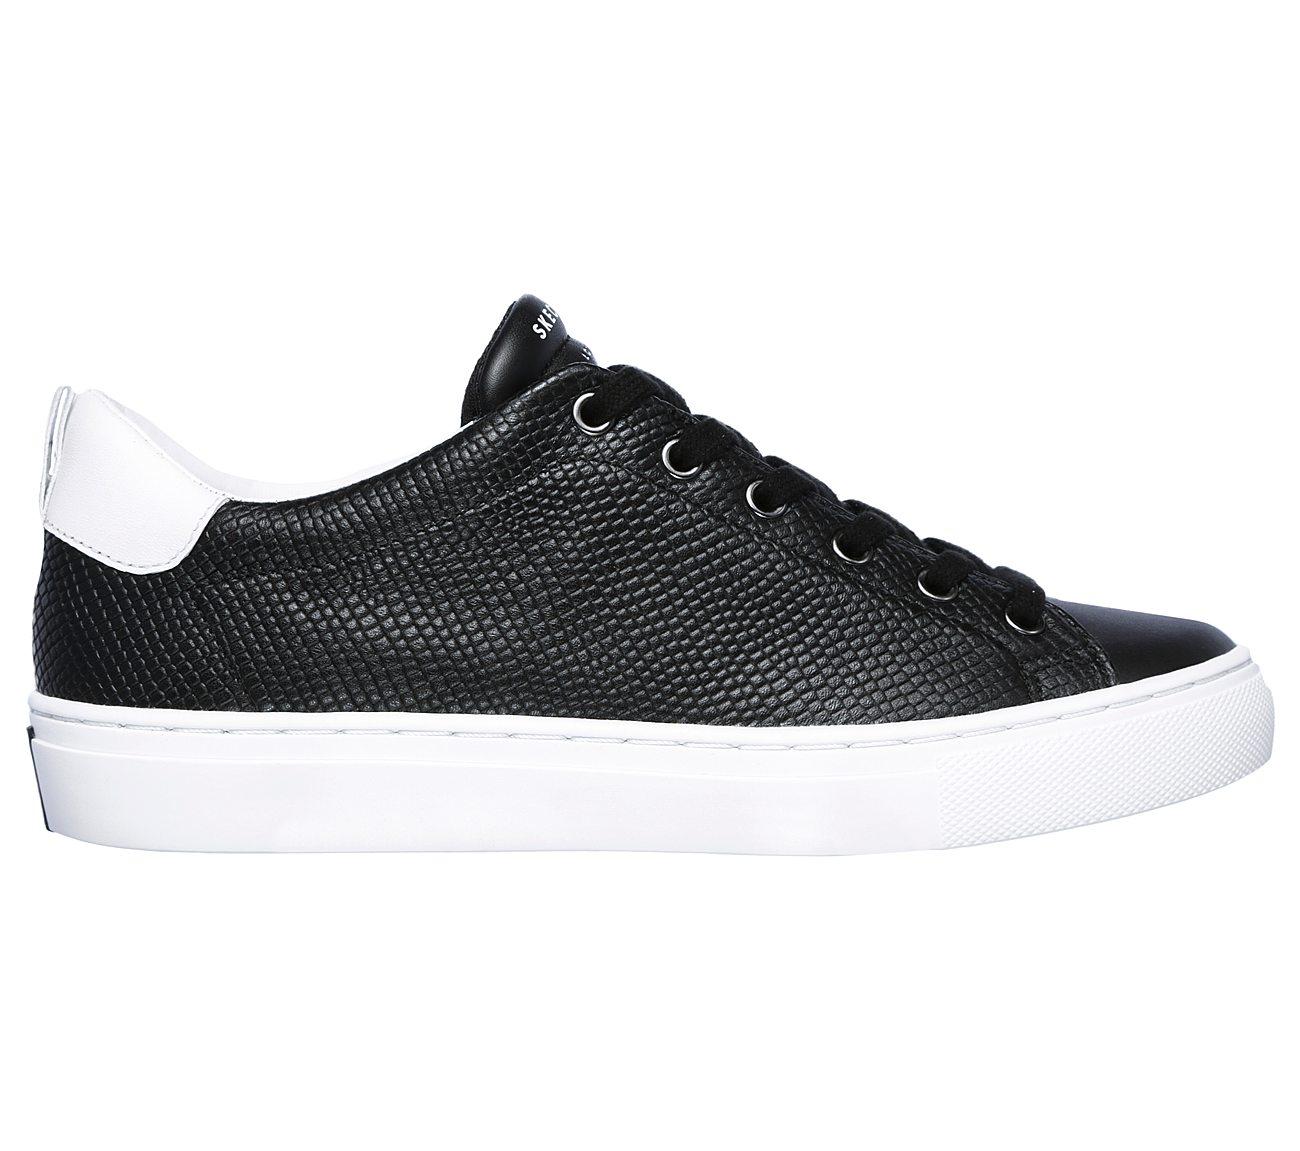 ca3e9b4d Buy SKECHERS Side Street - Tegu SKECHER Street Shoes only £64.00